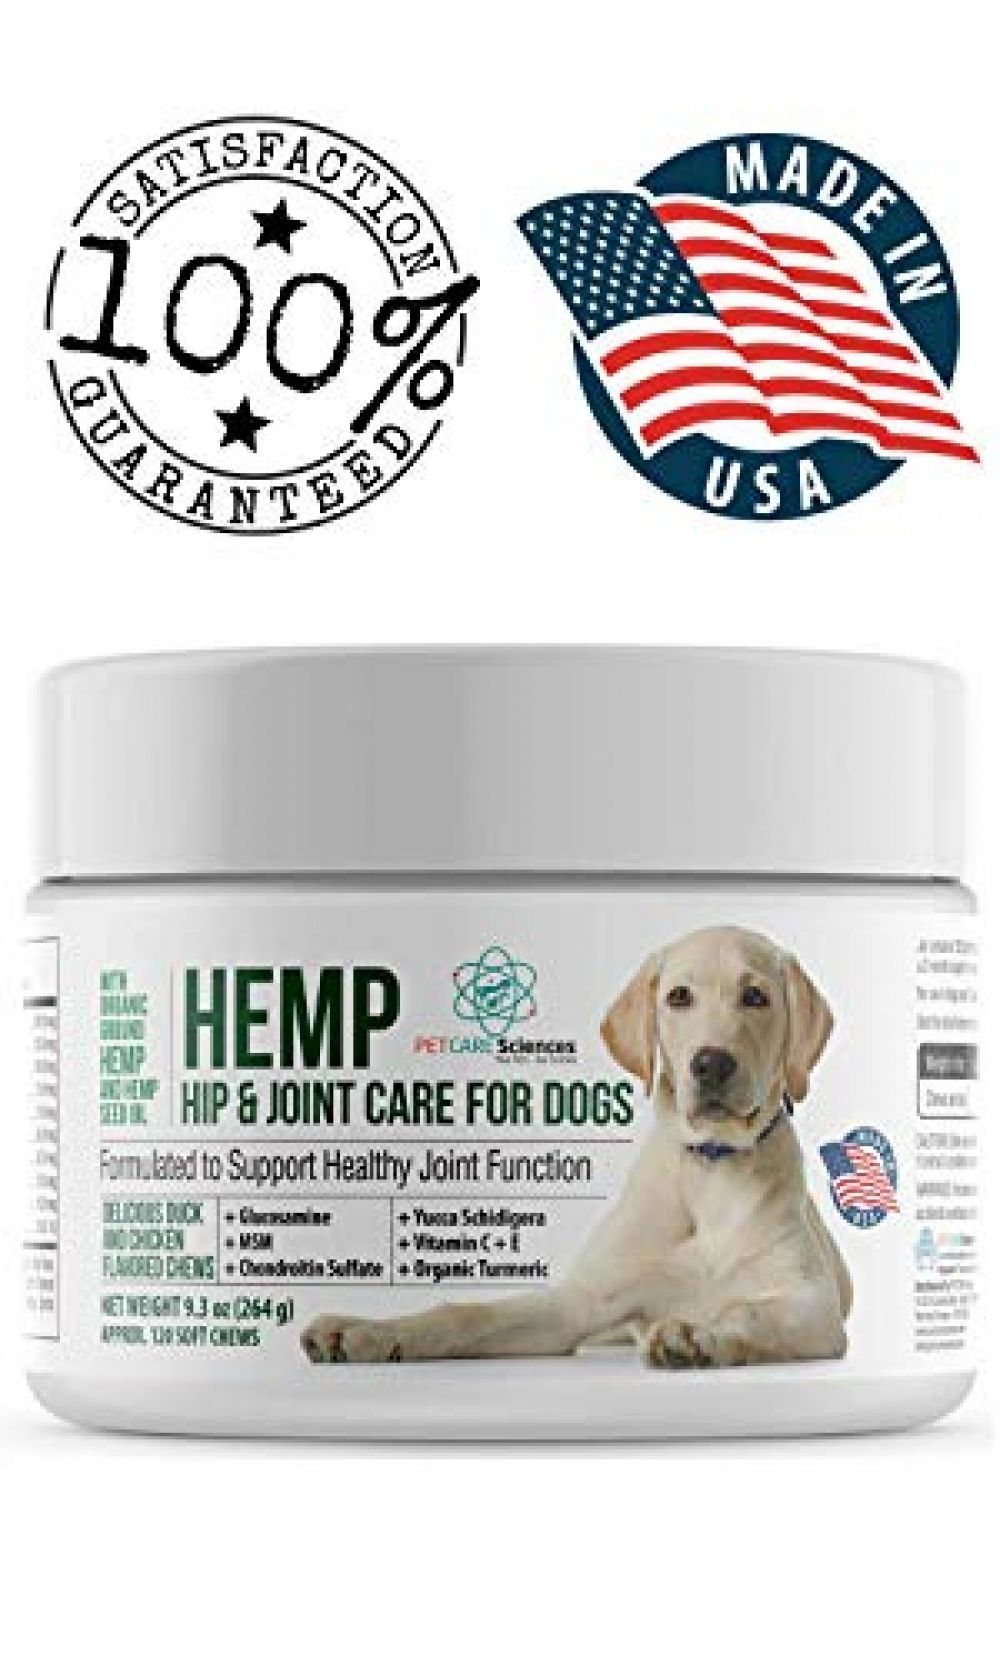 LEGITPET Hemp Hip & Joint Supplement for Dogs 120 Soft